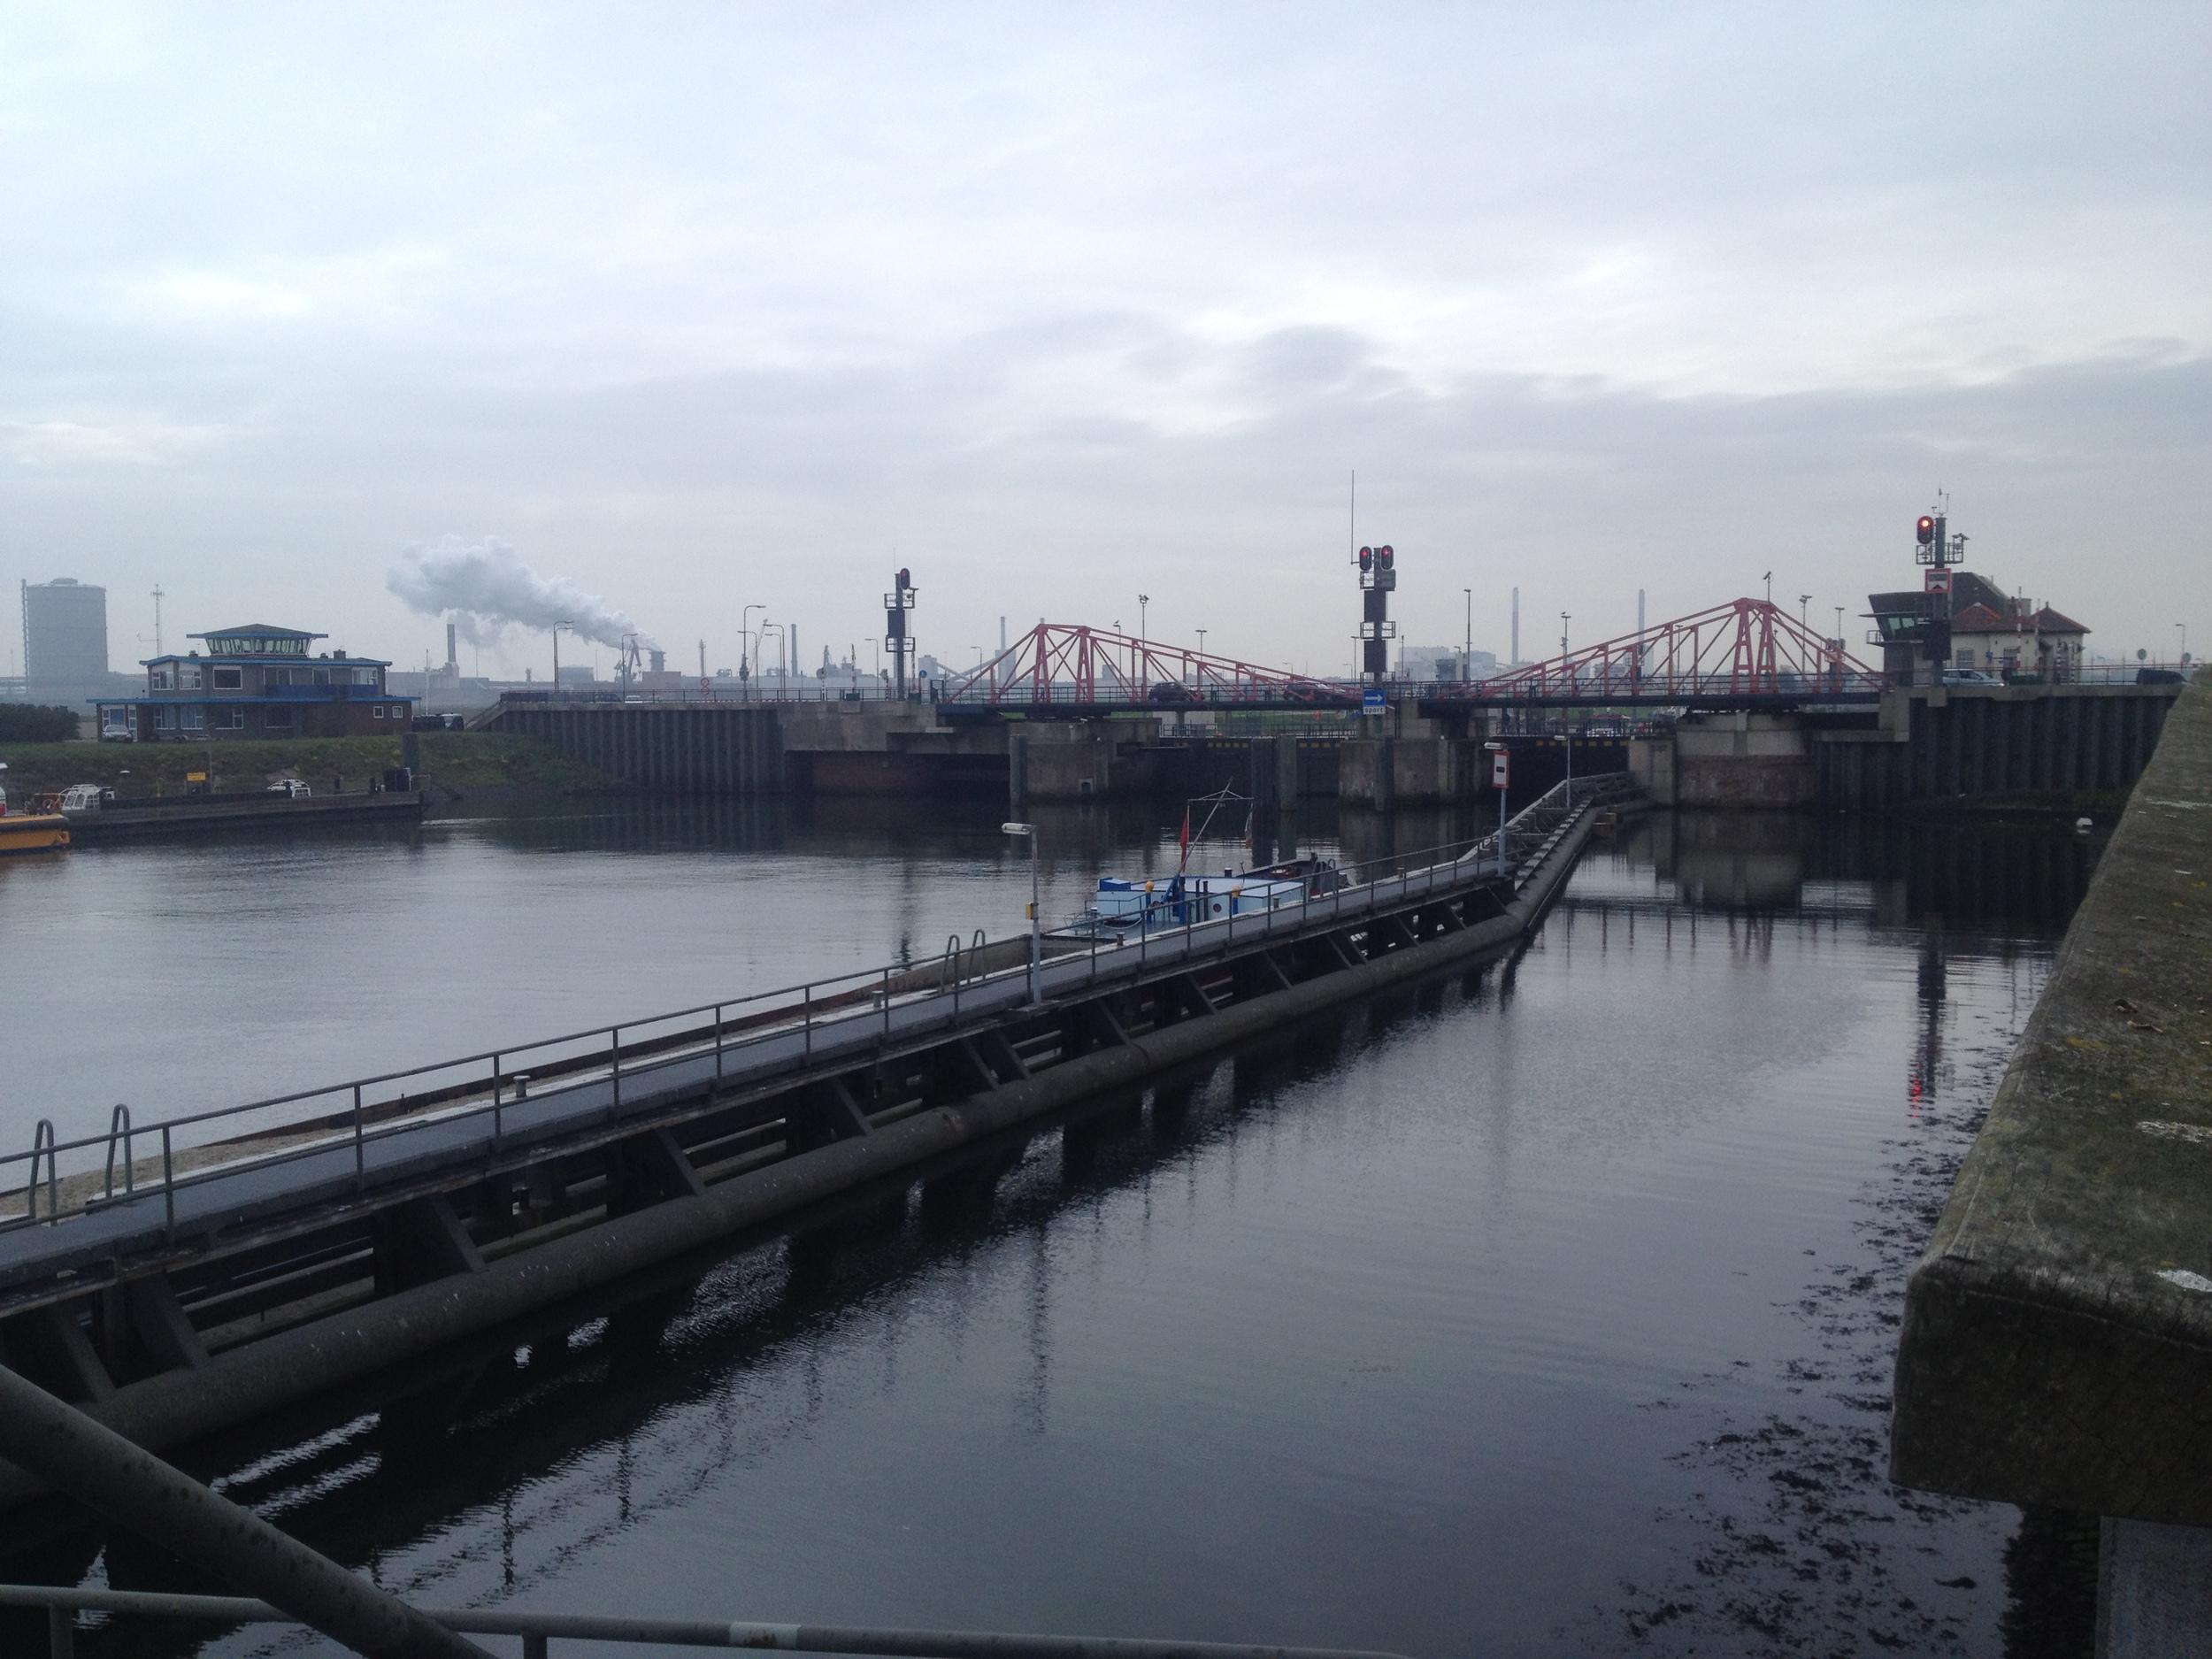 Locks at IJmuiden